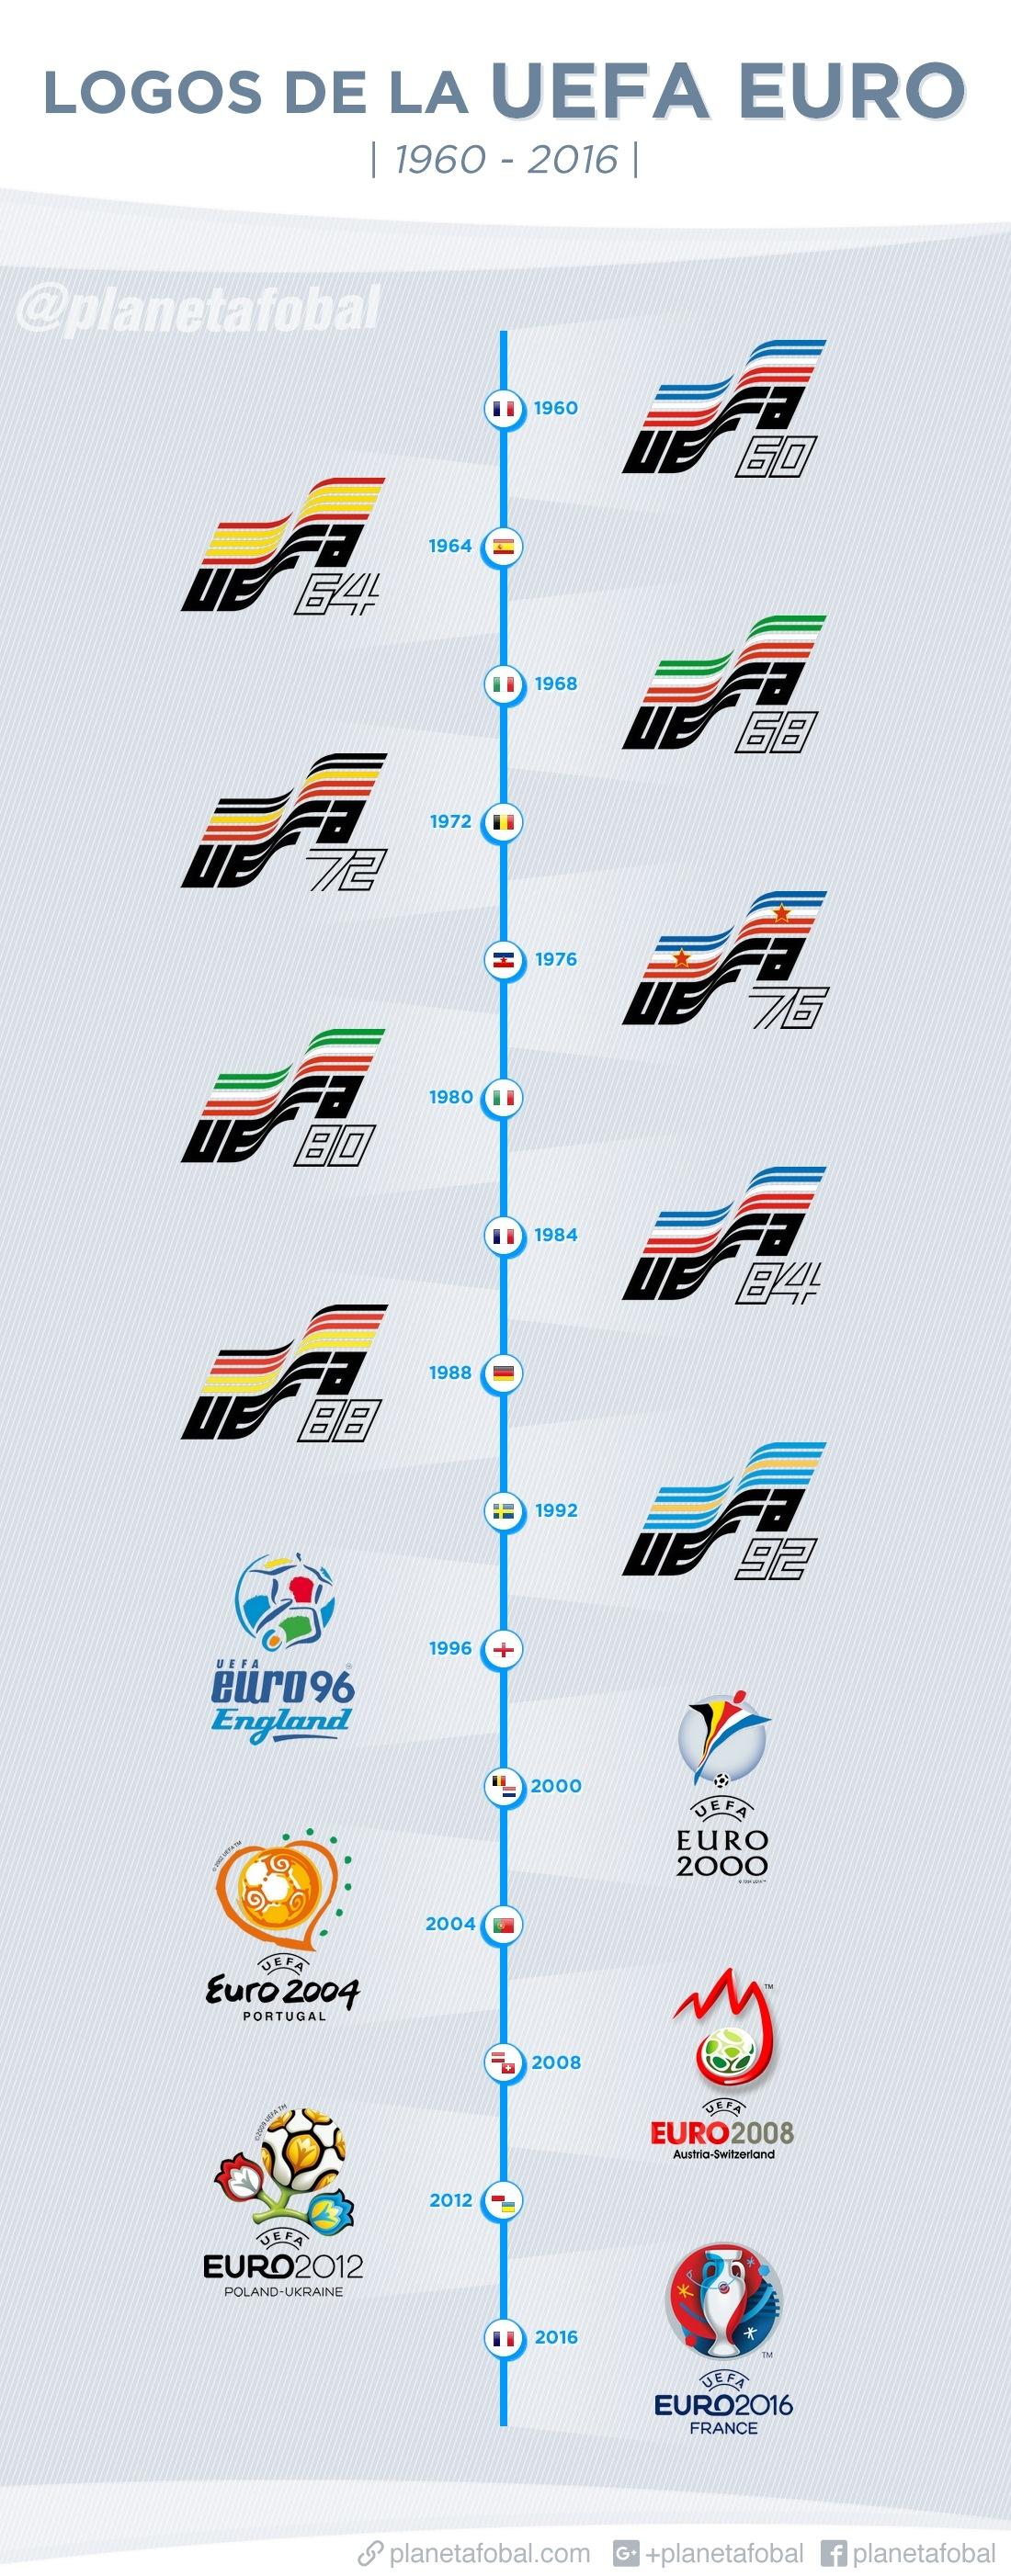 Los logos de la UEFA EURO